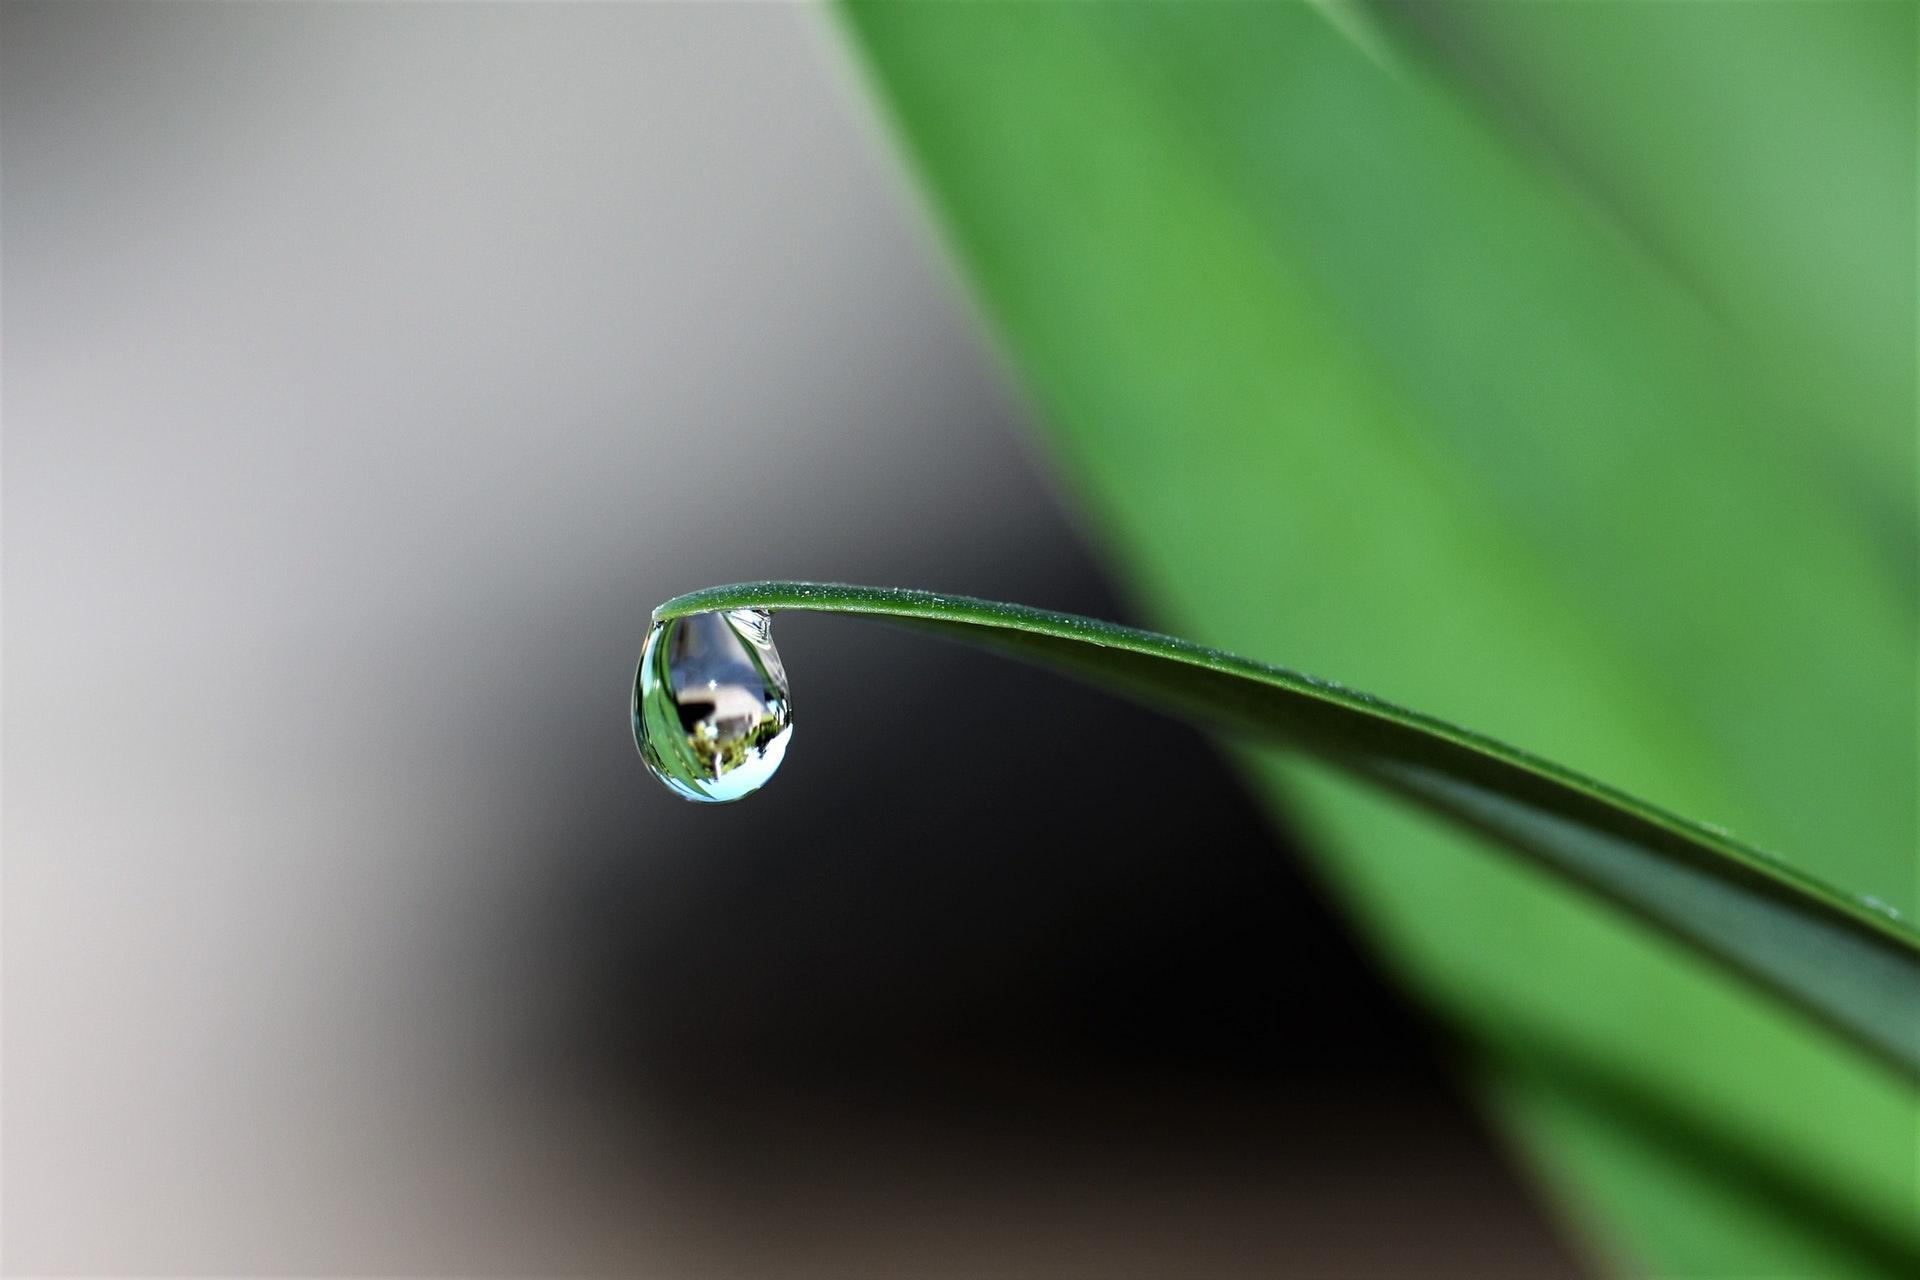 Hình nền đẹp giọt nước long lanh